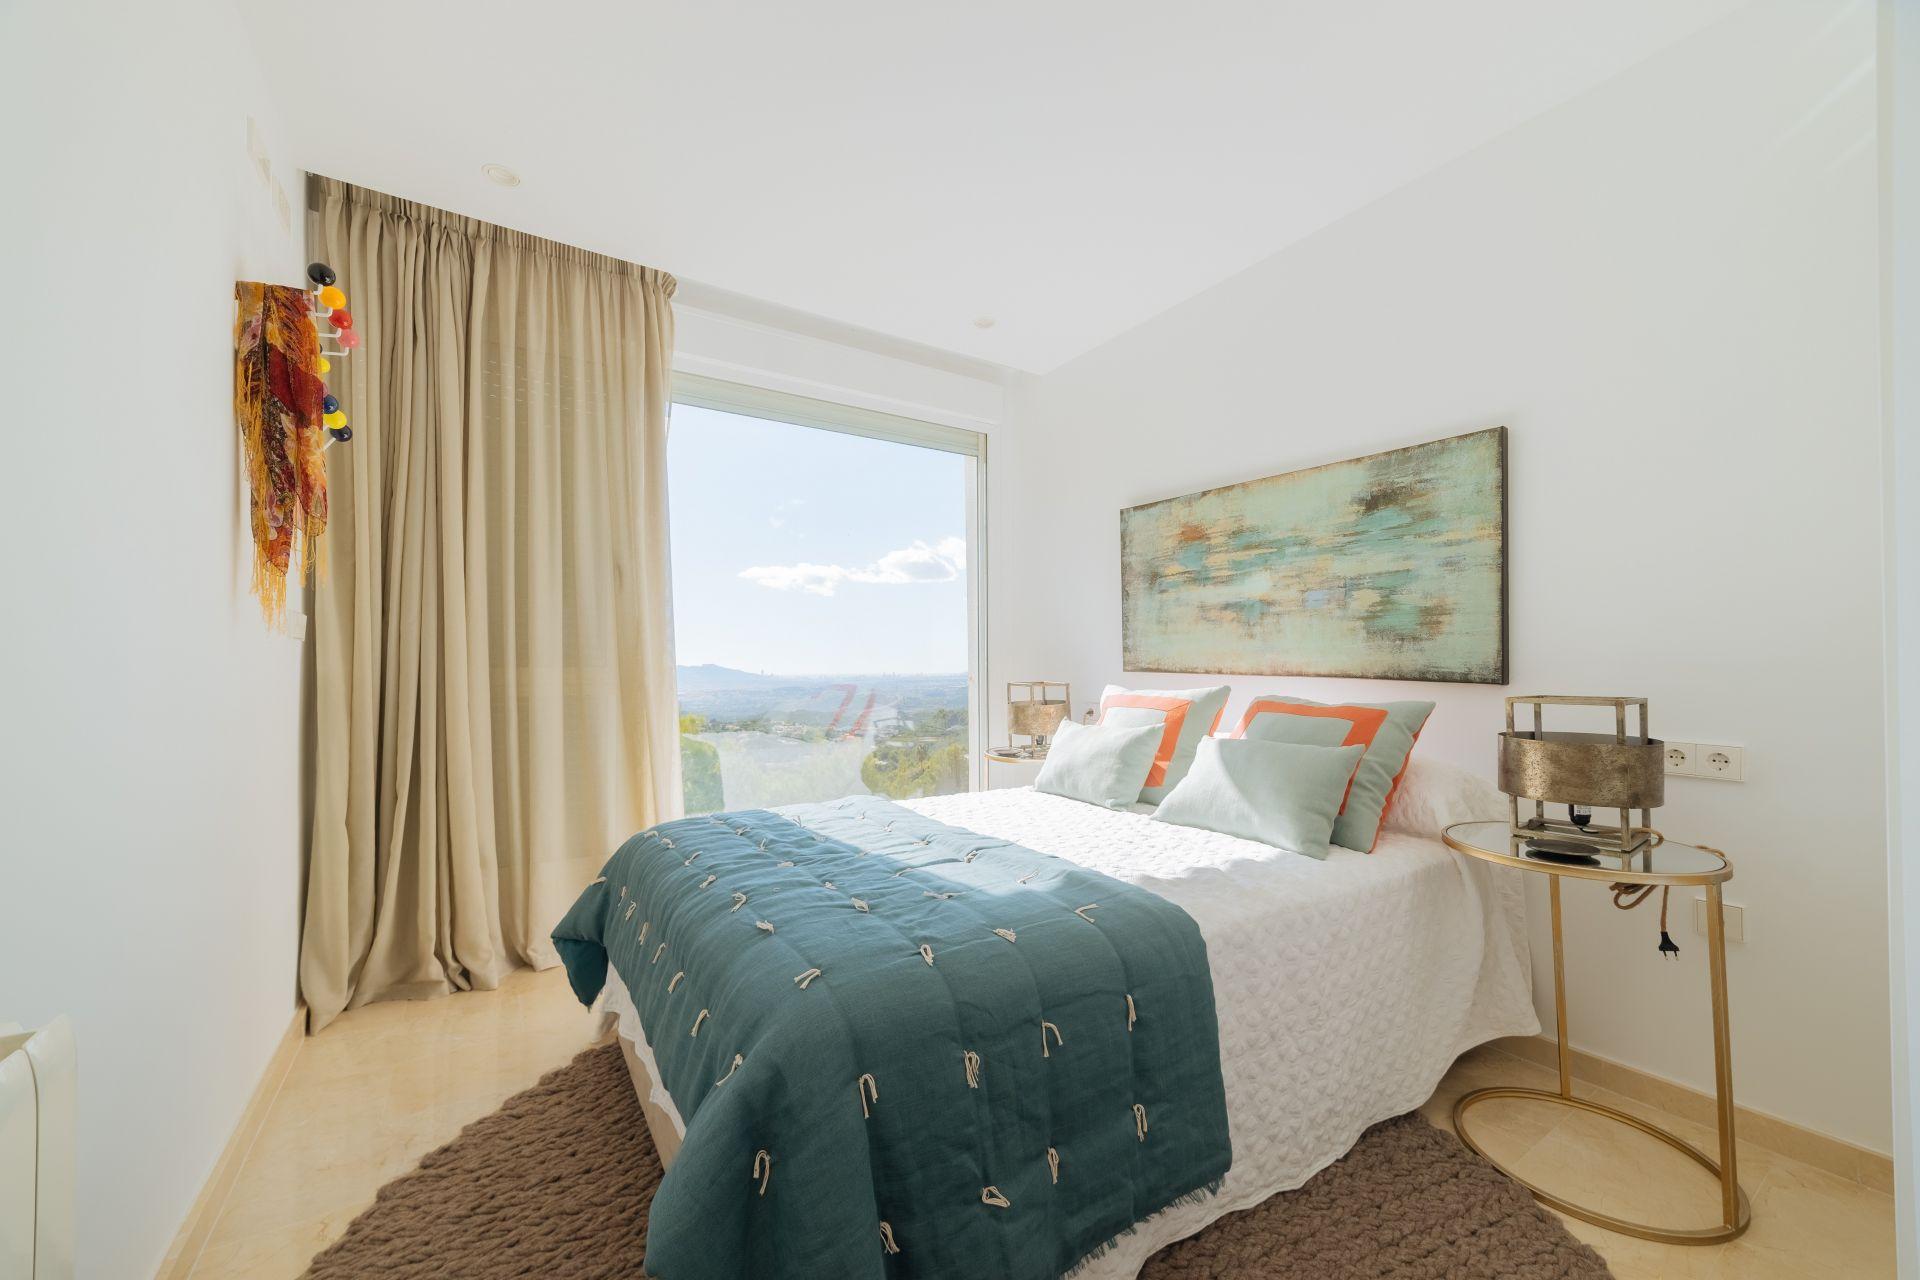 Villas with incredible views to the Mediterranean Sea in Altea 26